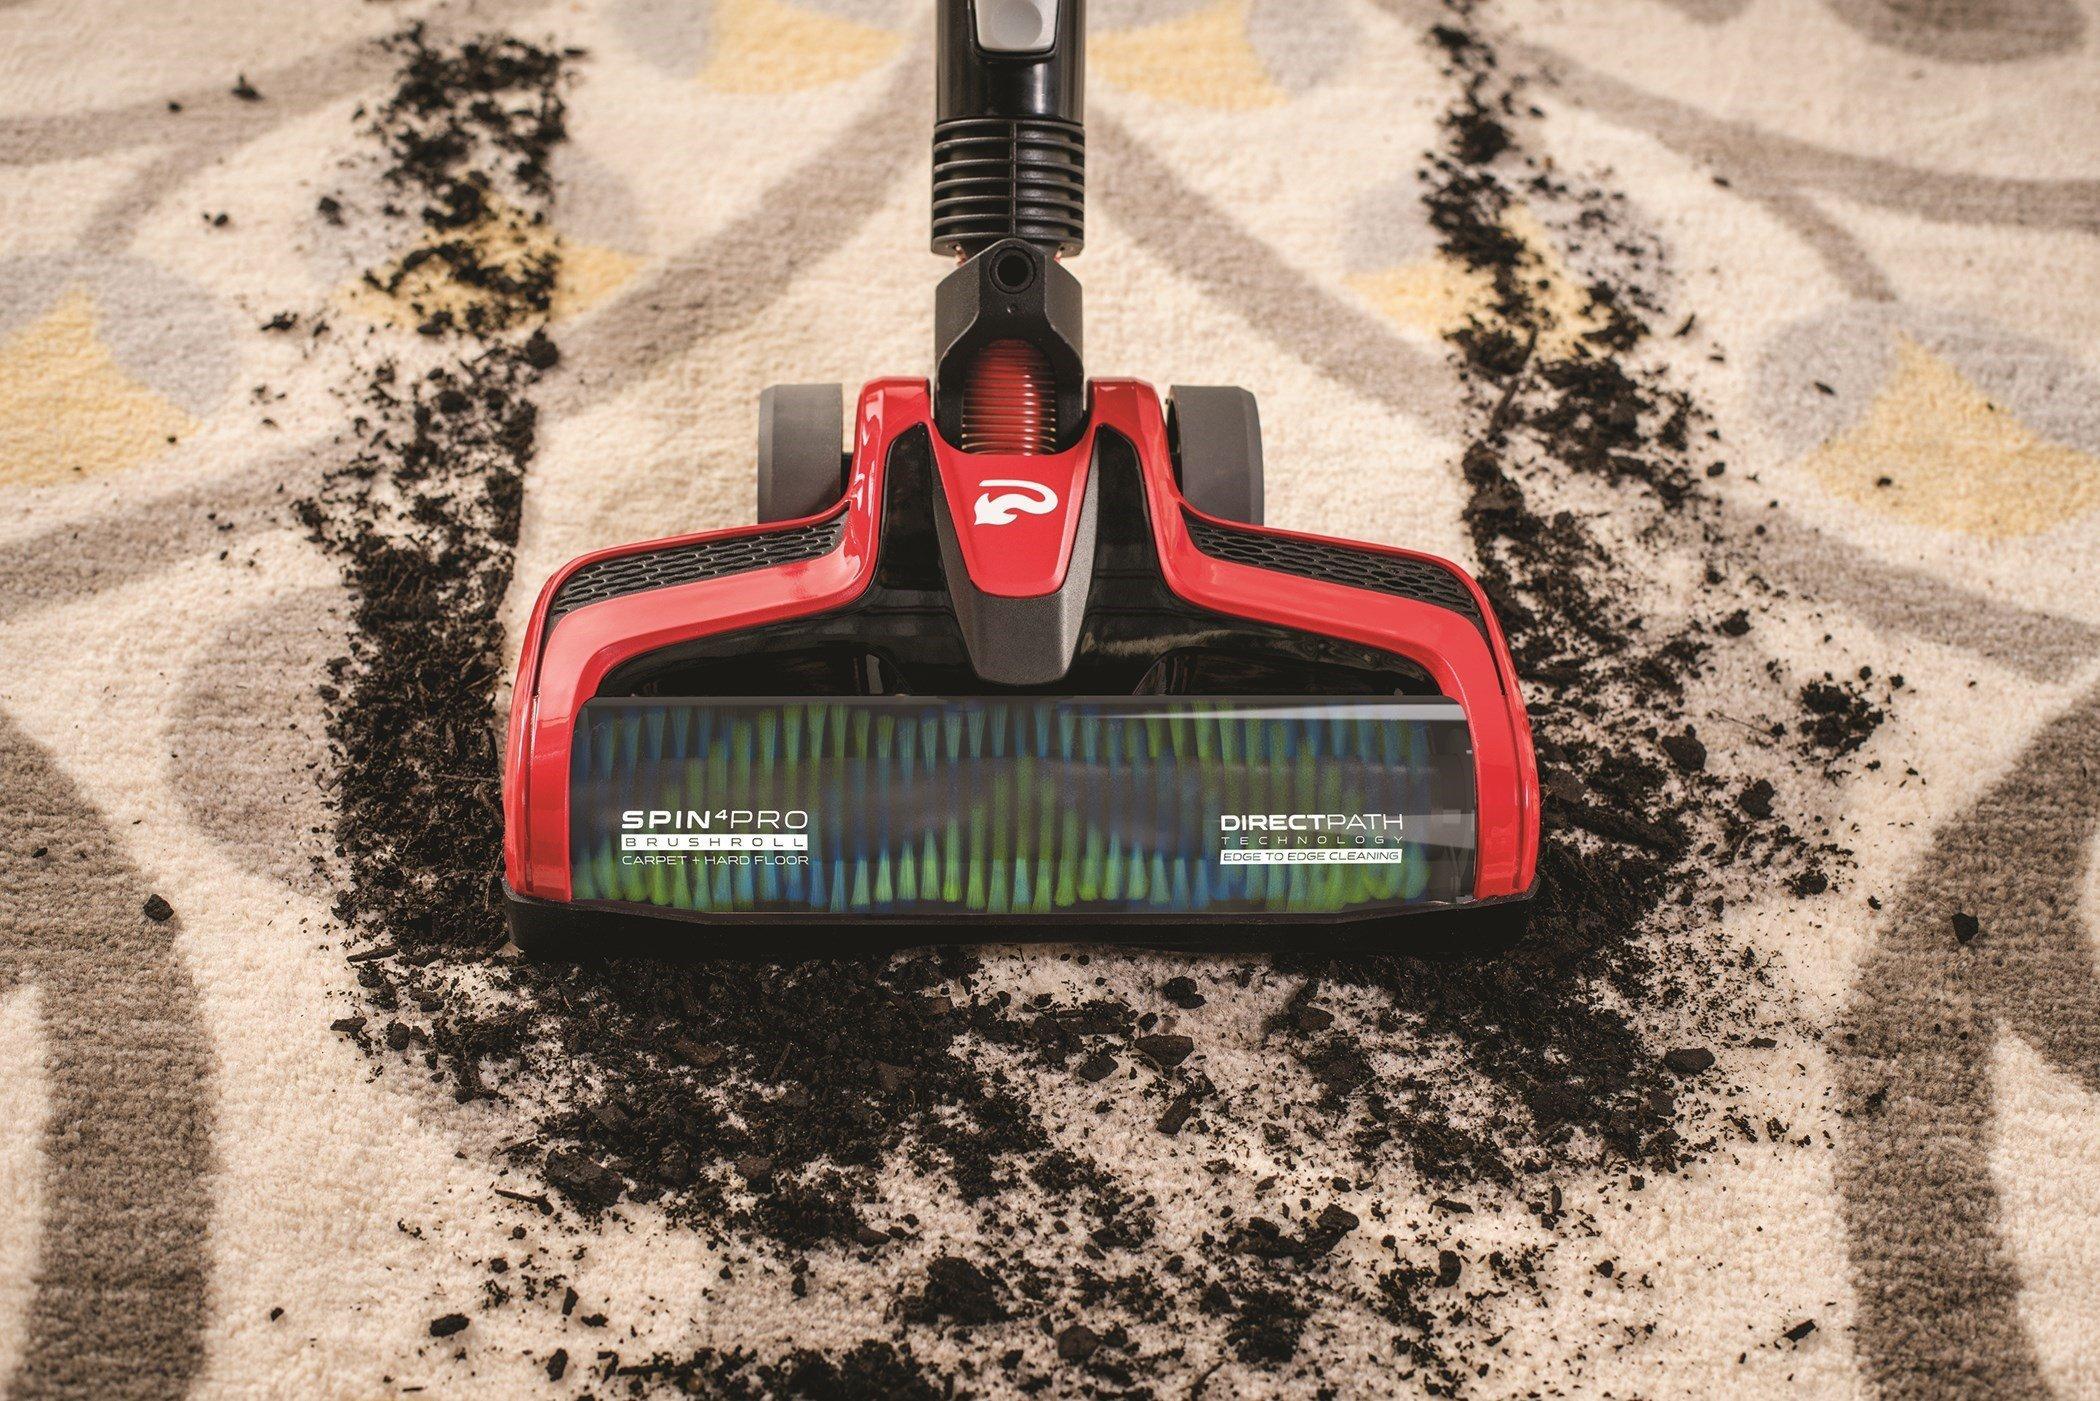 Reach Max Plus 3-in-1 Cordless Stick Vacuum9